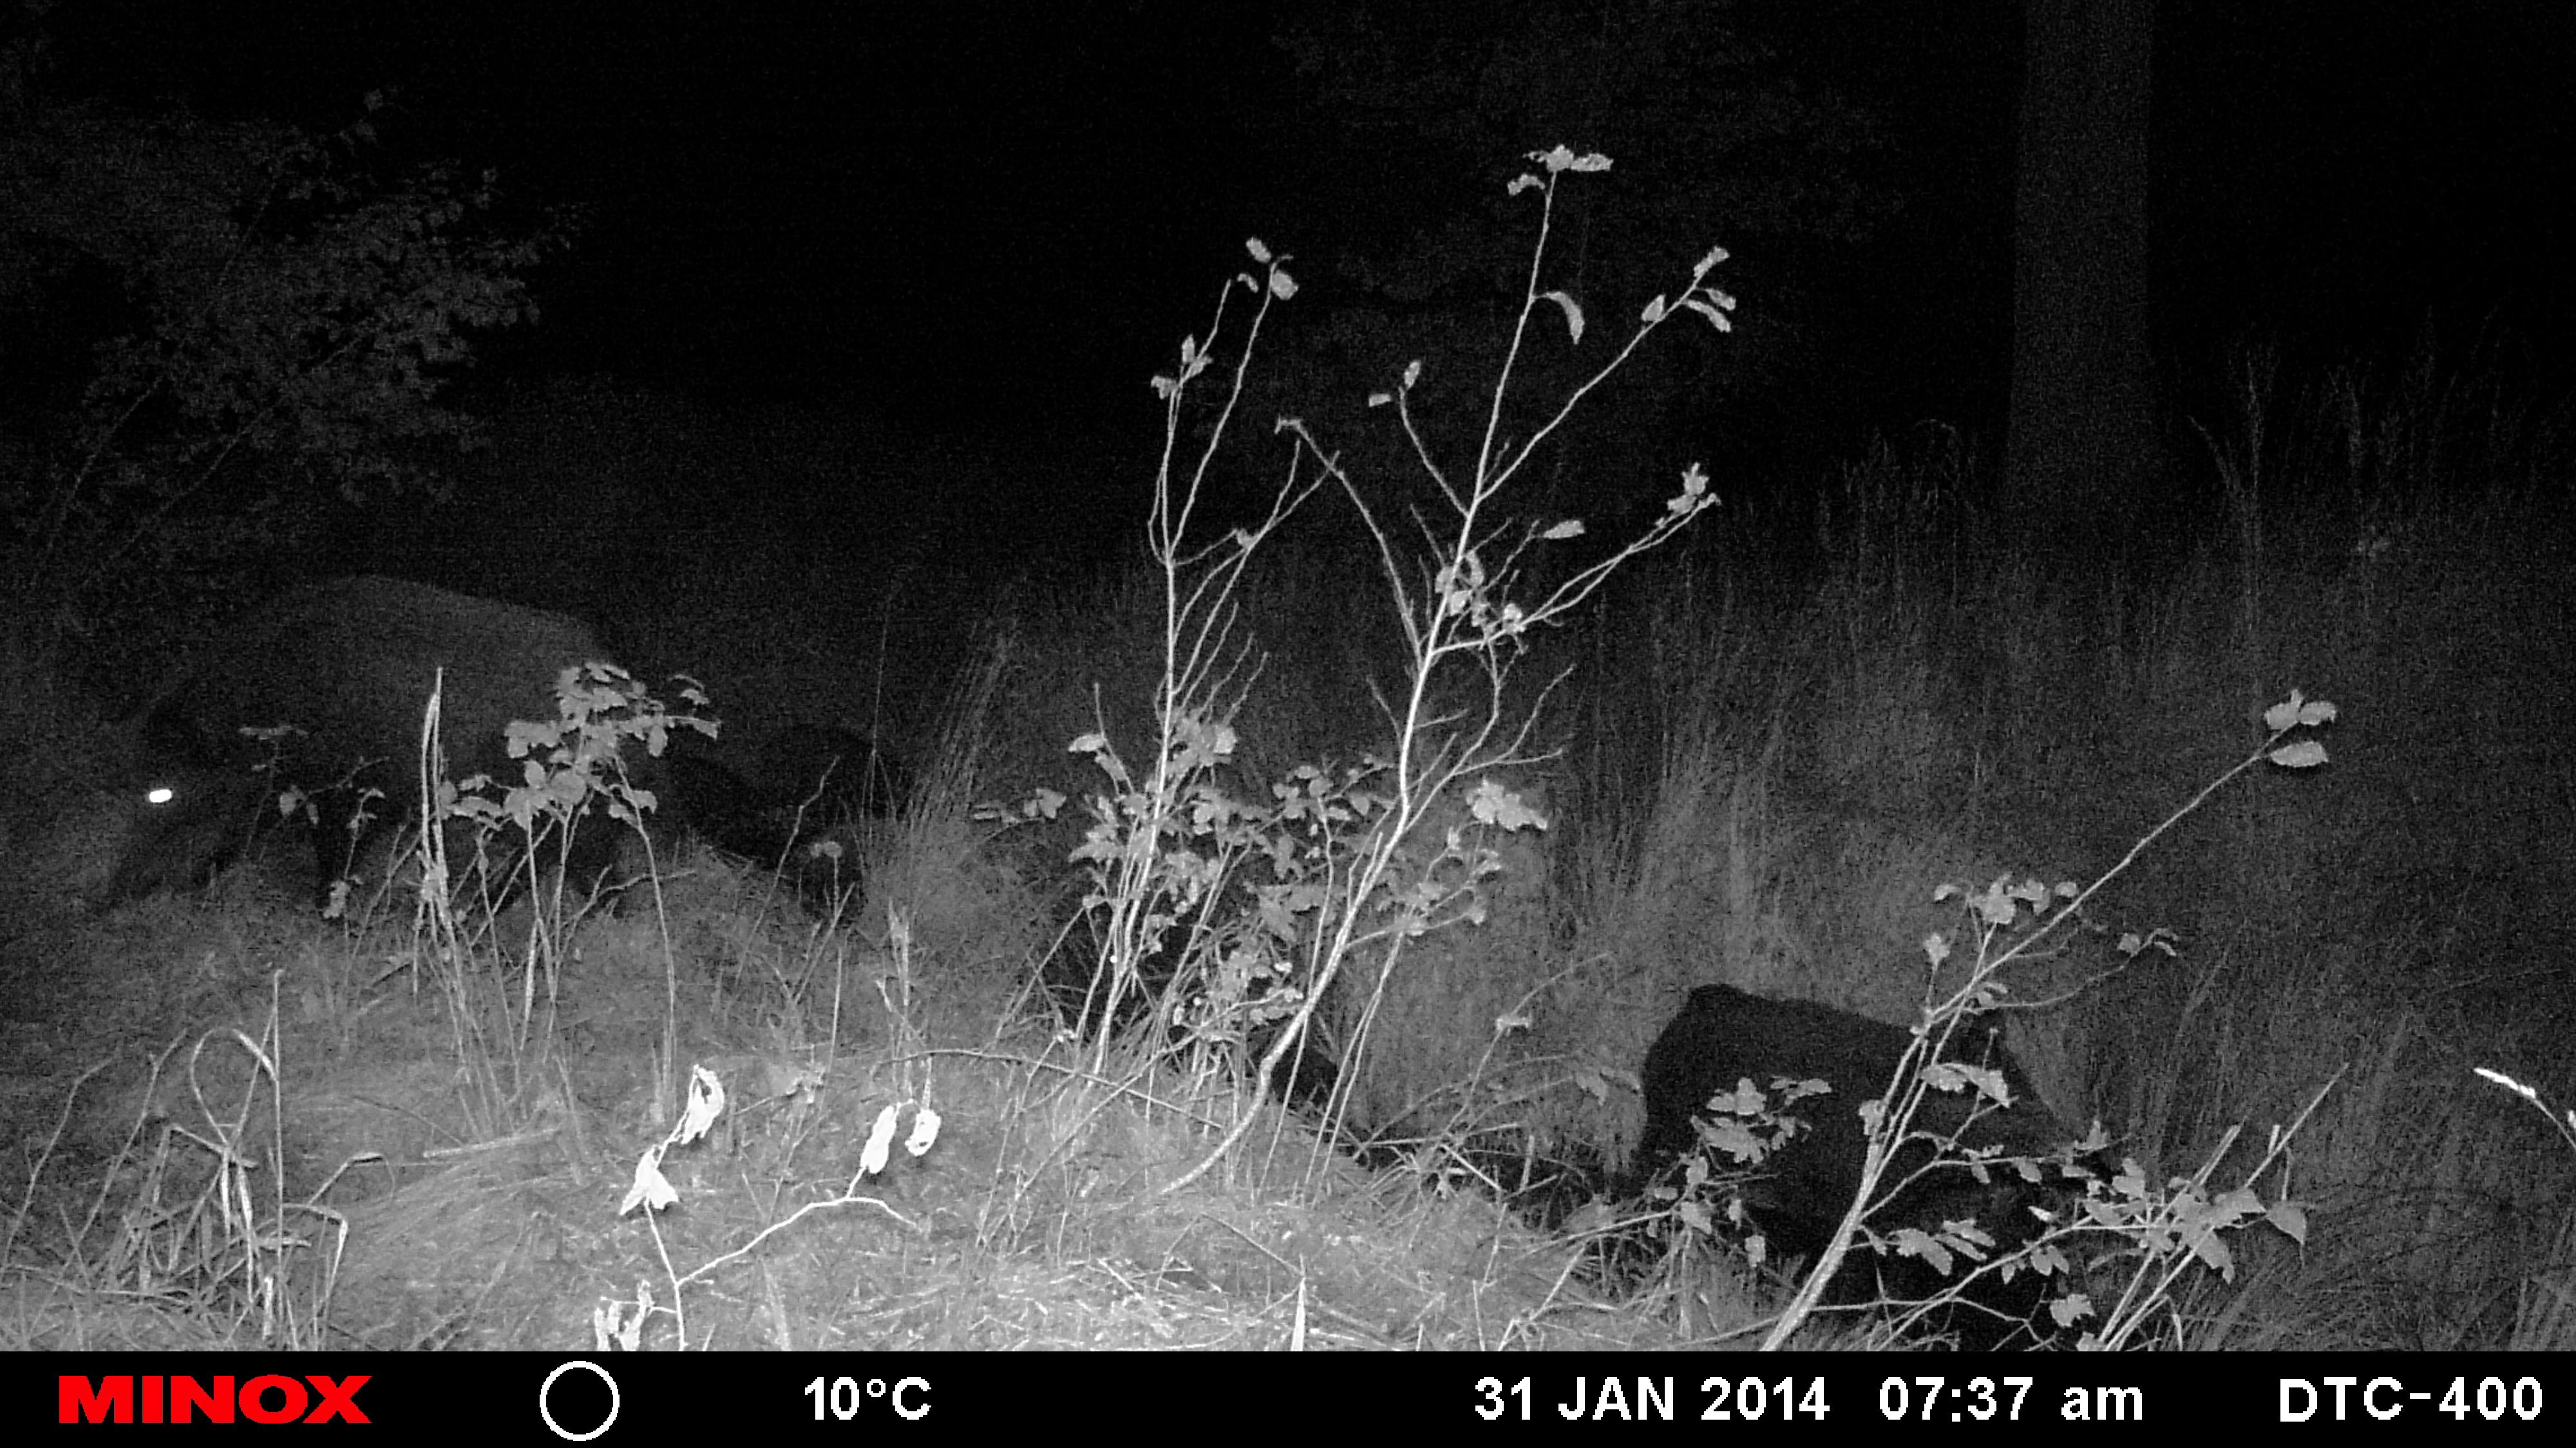 Sauen waren zwar steht auf den Wildkameras, aber mit so vielen hatte keiner gerechnet.